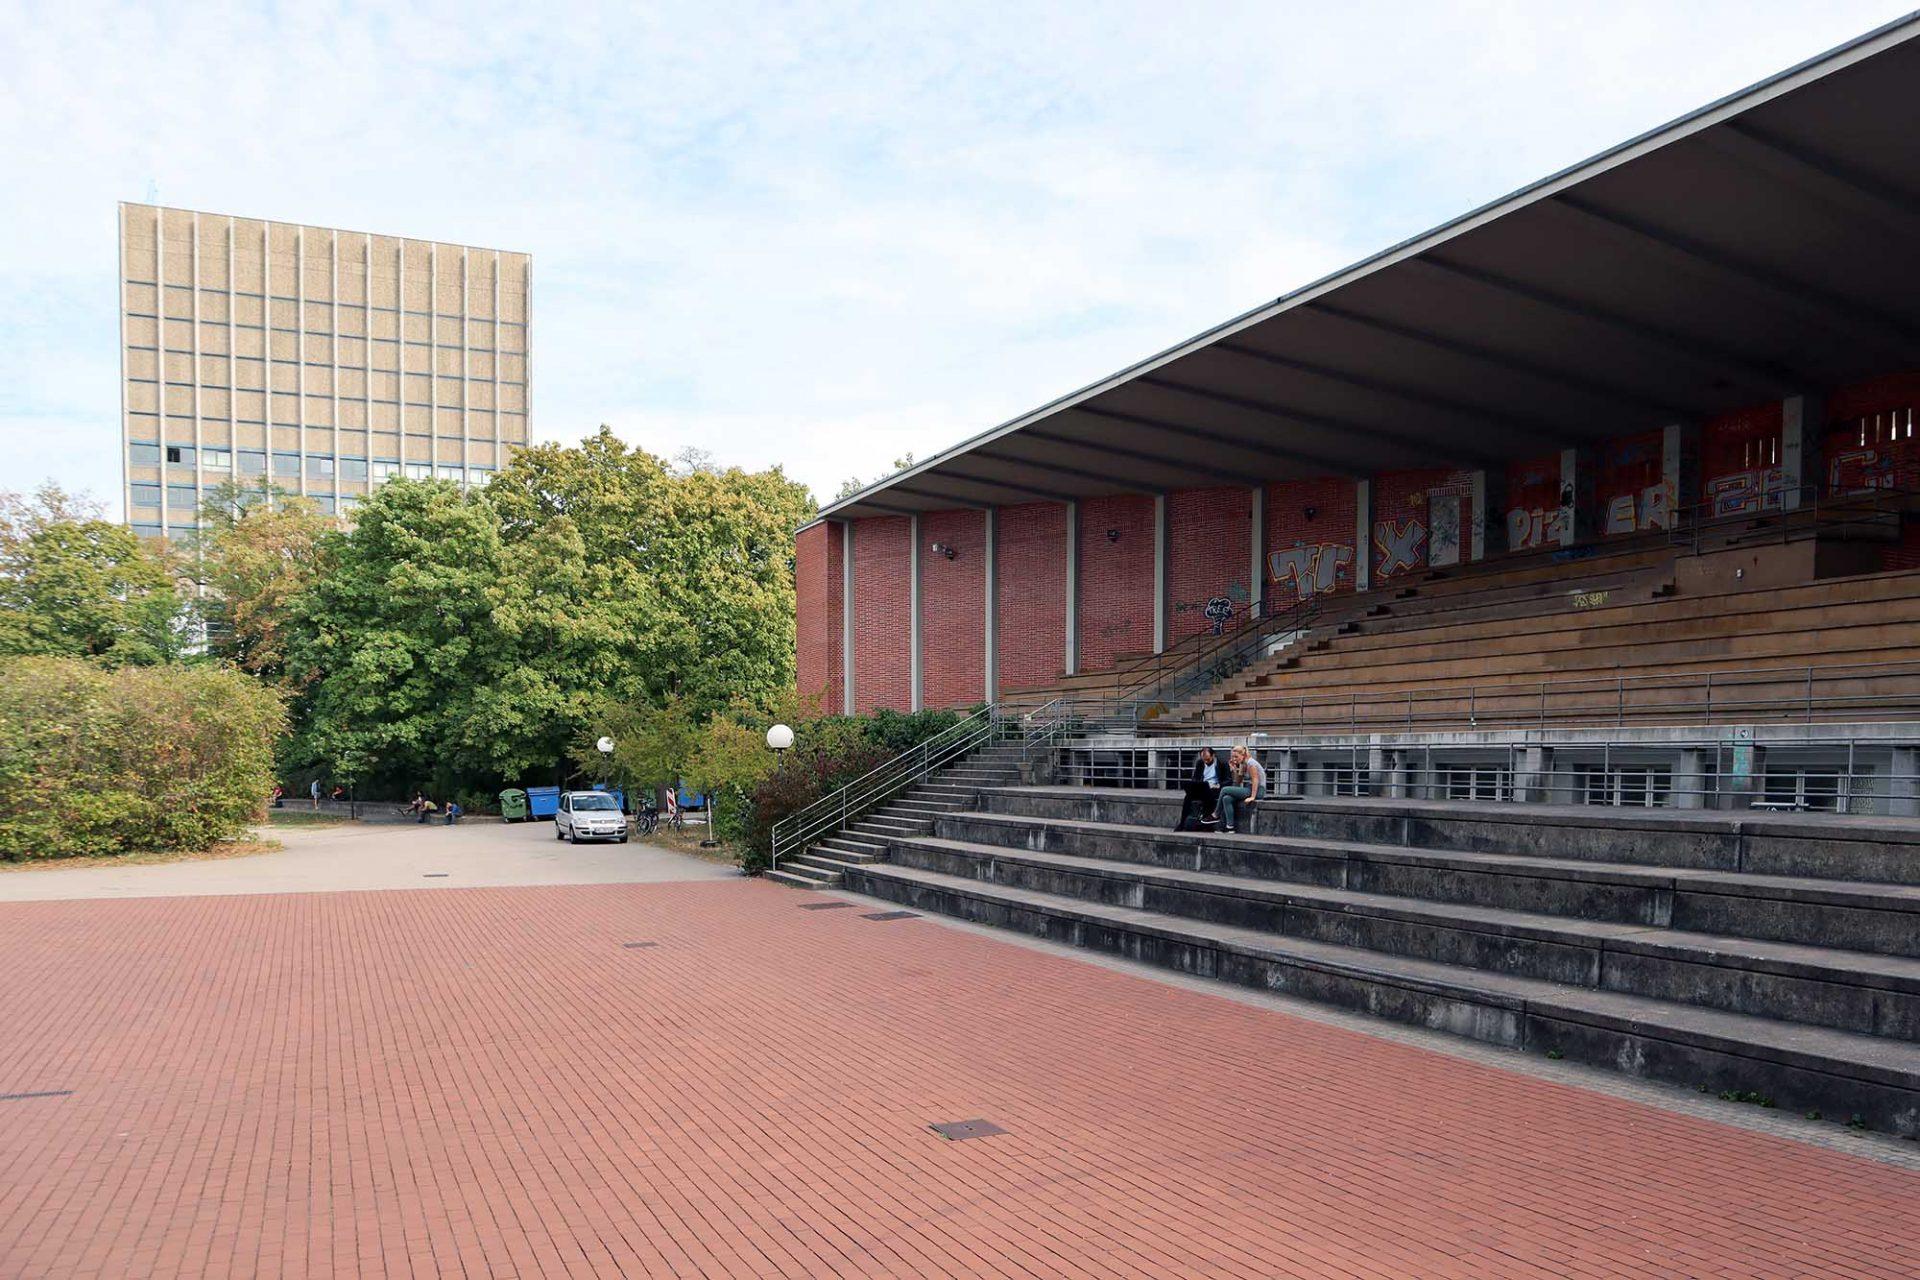 Hochschulstadion. Der Tribünenbau war ursprünglich Teil eines größeren Masterplans, der aber nie vollständig ausgeführt wurde. Heute steht er inmitten von Universitätsbauten späterer Jahre.